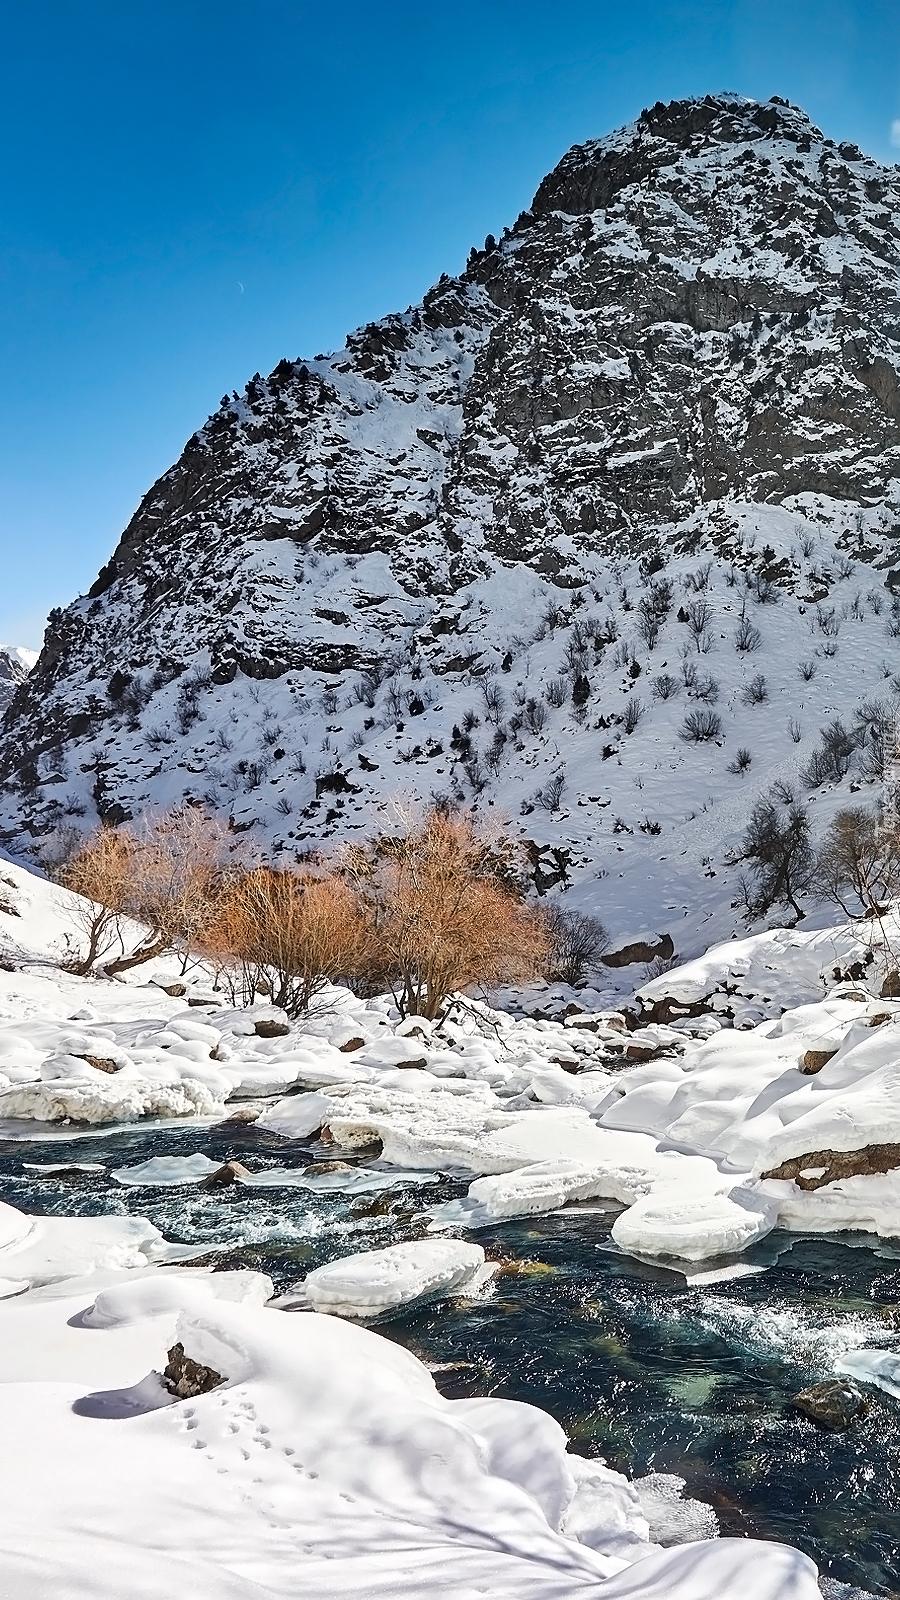 Rzeka Siama w zimowych górach Gissar